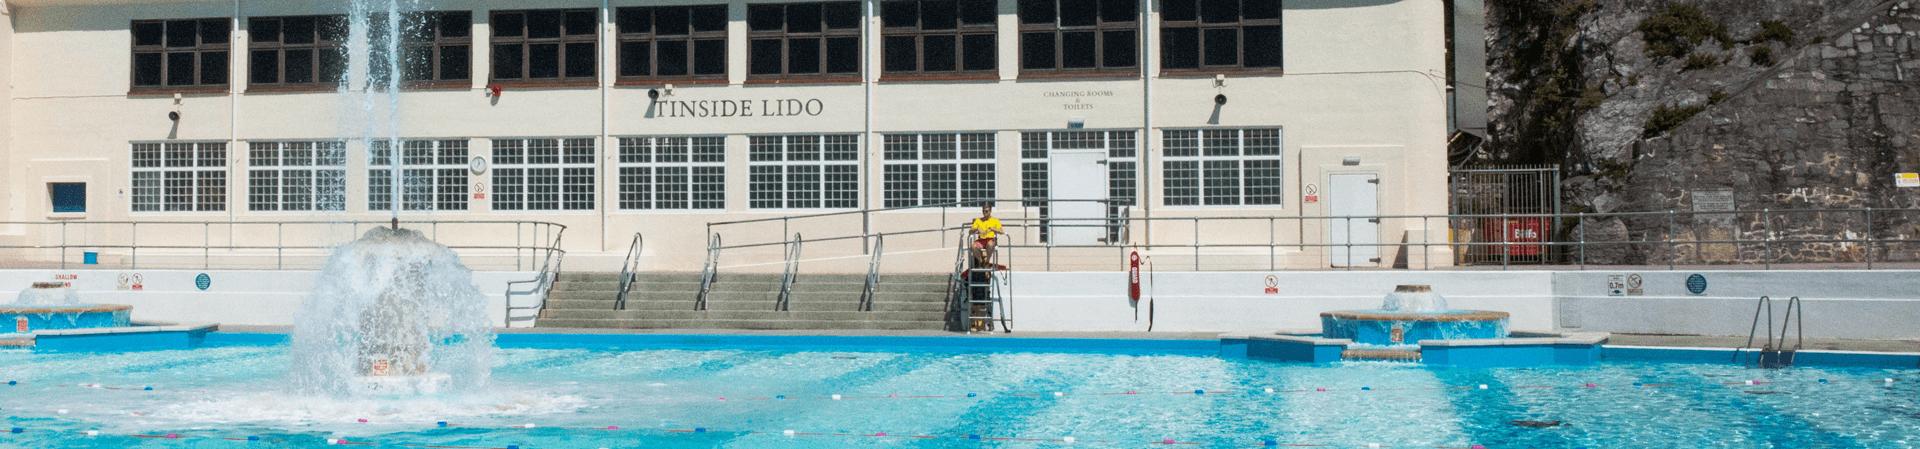 Naked at pool